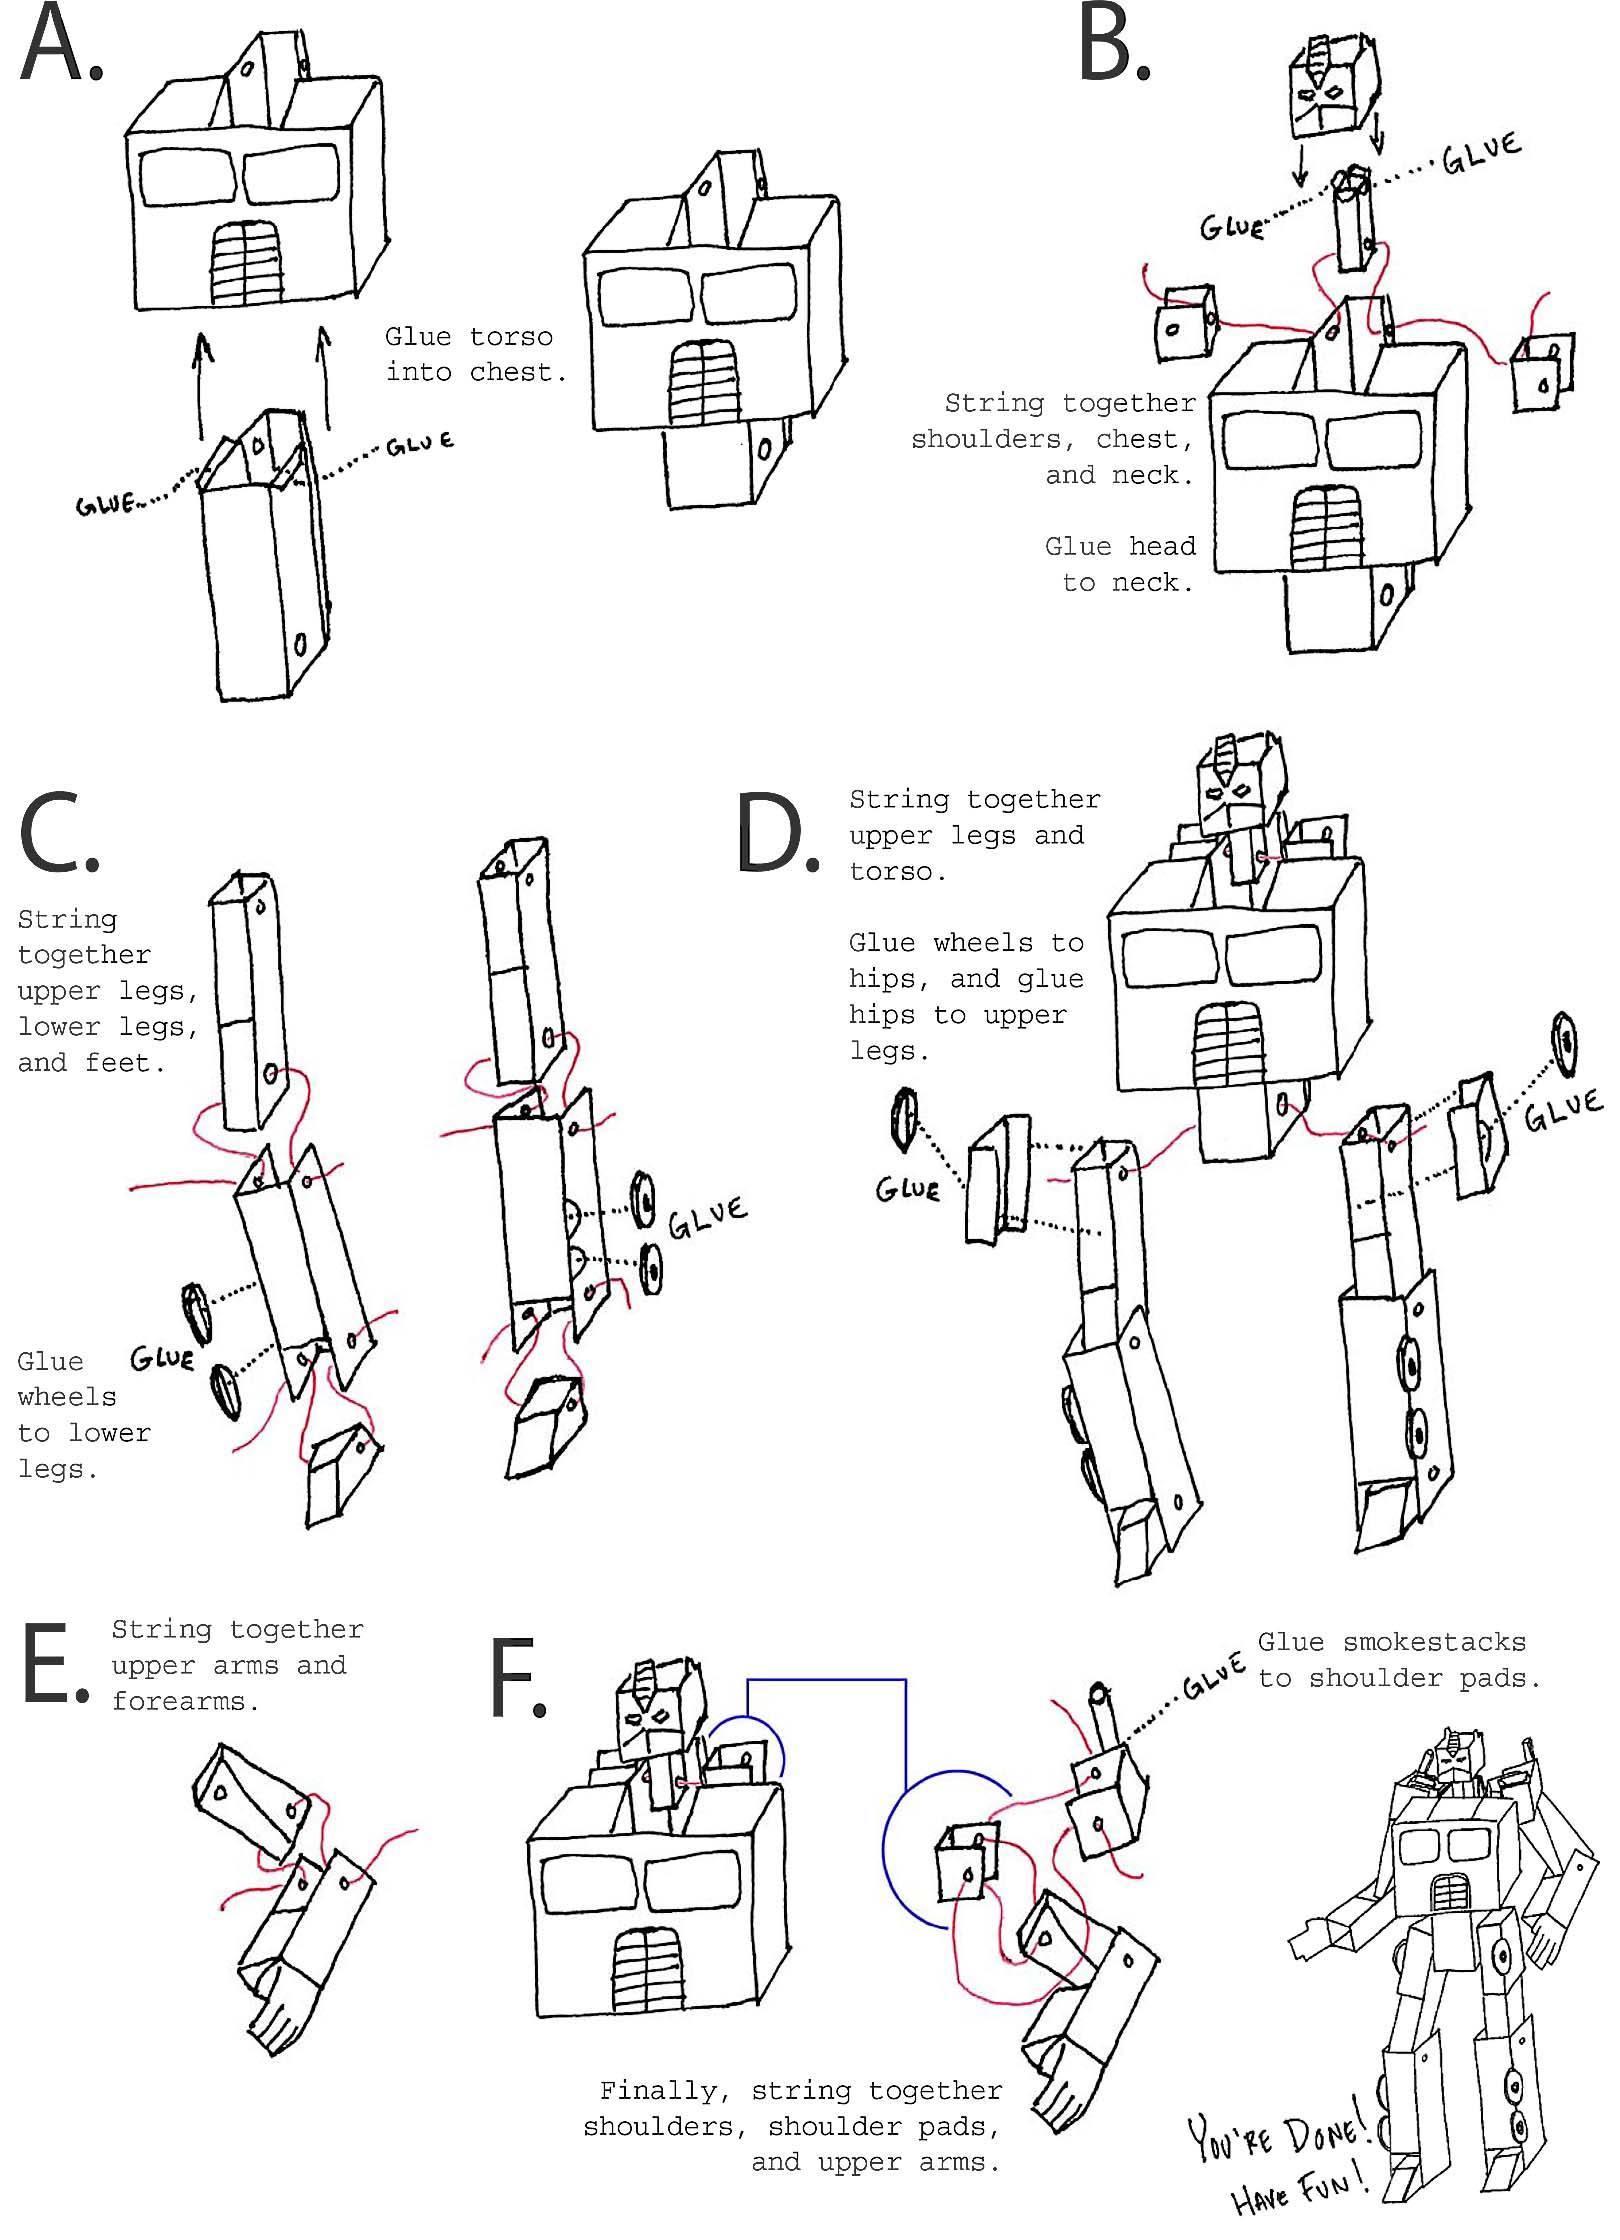 Трансформер из бумаги своими руками. как сделать из бумаги трансформера? игрушка-трансформер из бумаги